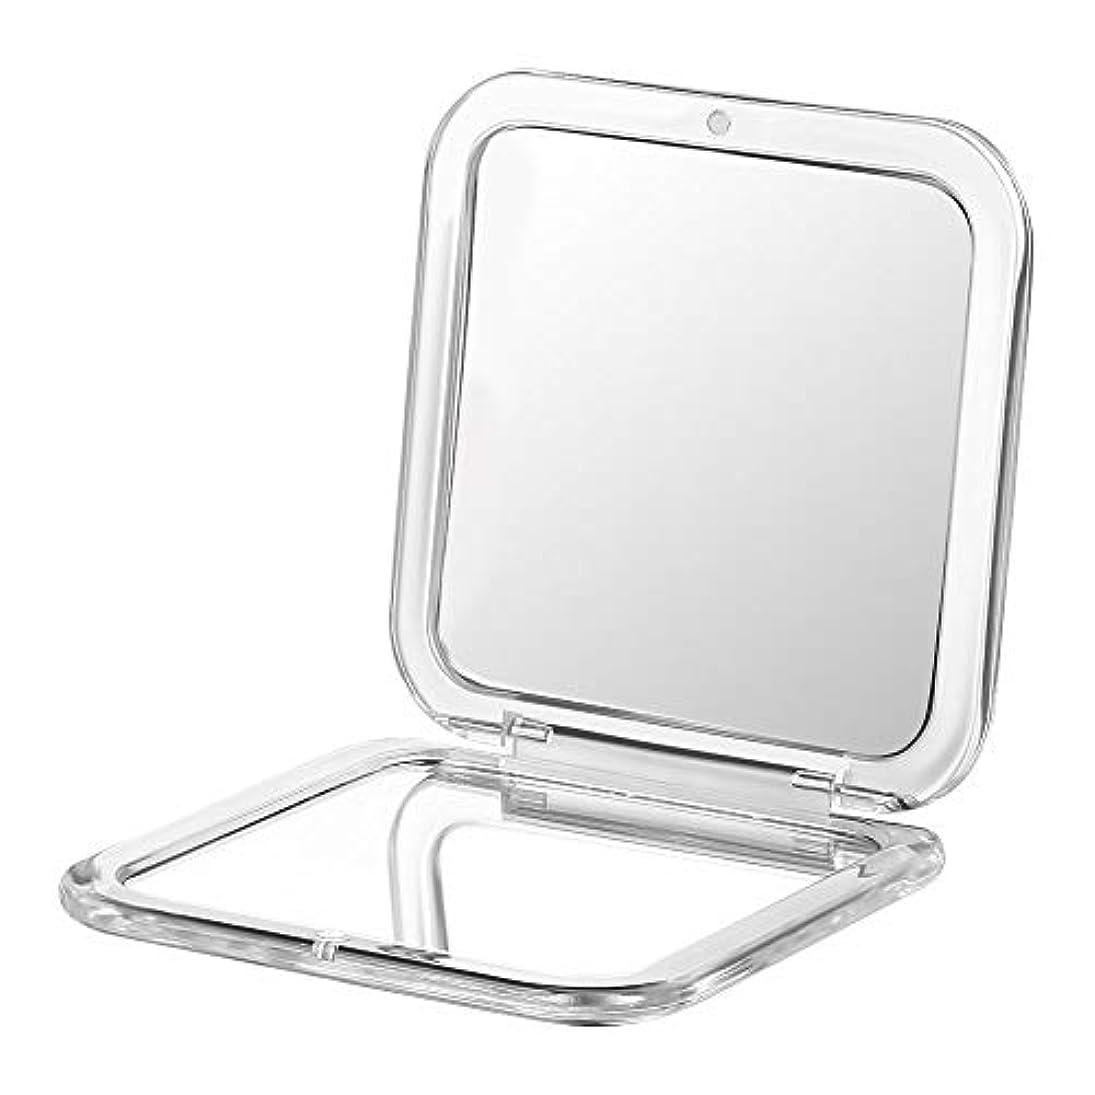 コンパクト鏡 拡大鏡 両面コンパクトミラー 卓上 2倍 化粧鏡